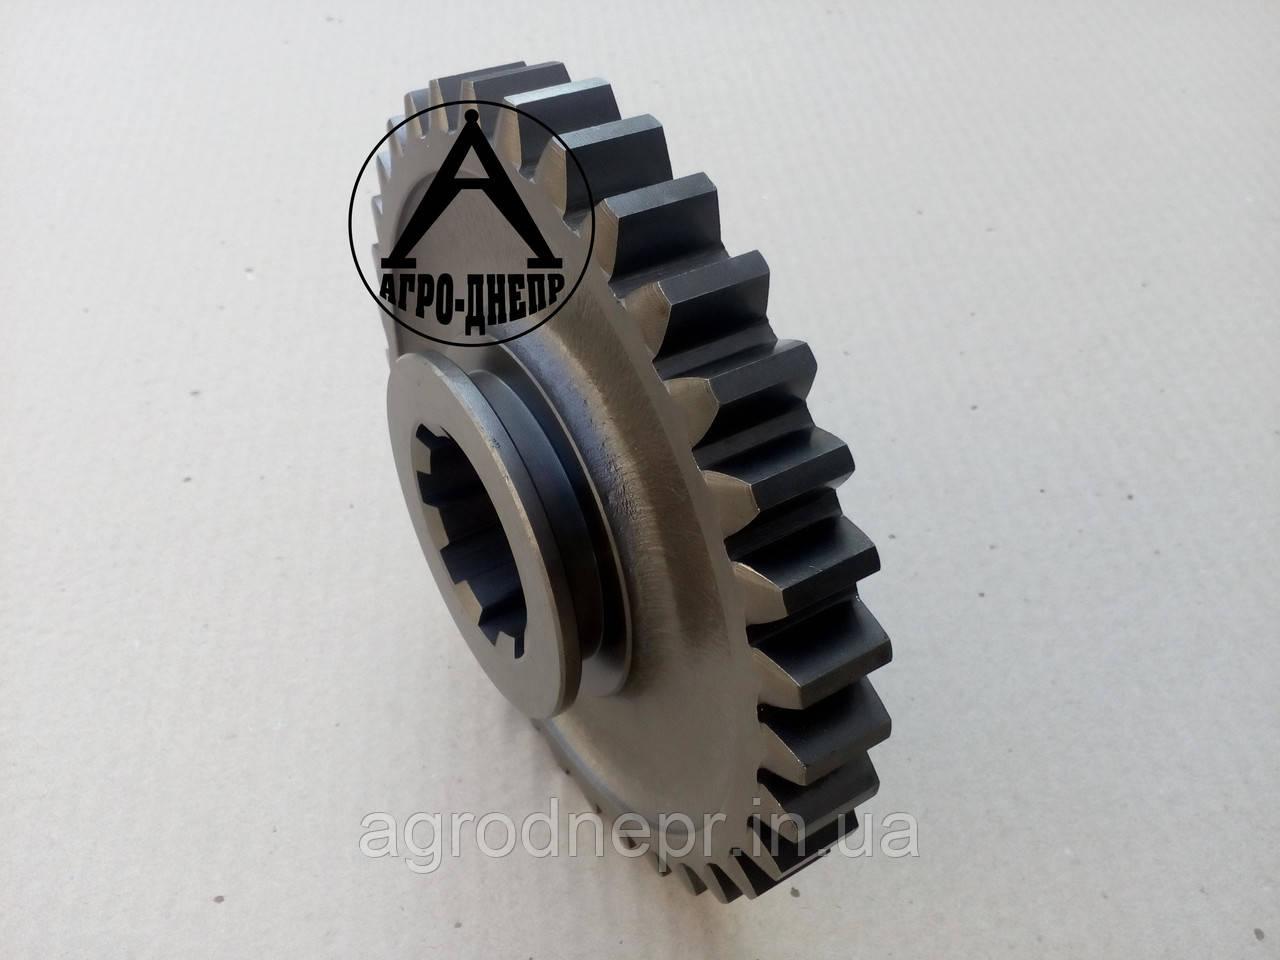 Колесо зубчатое скользящее первой передачи и заднего хода трактора ЮМЗ z-34 36-1701112-А2